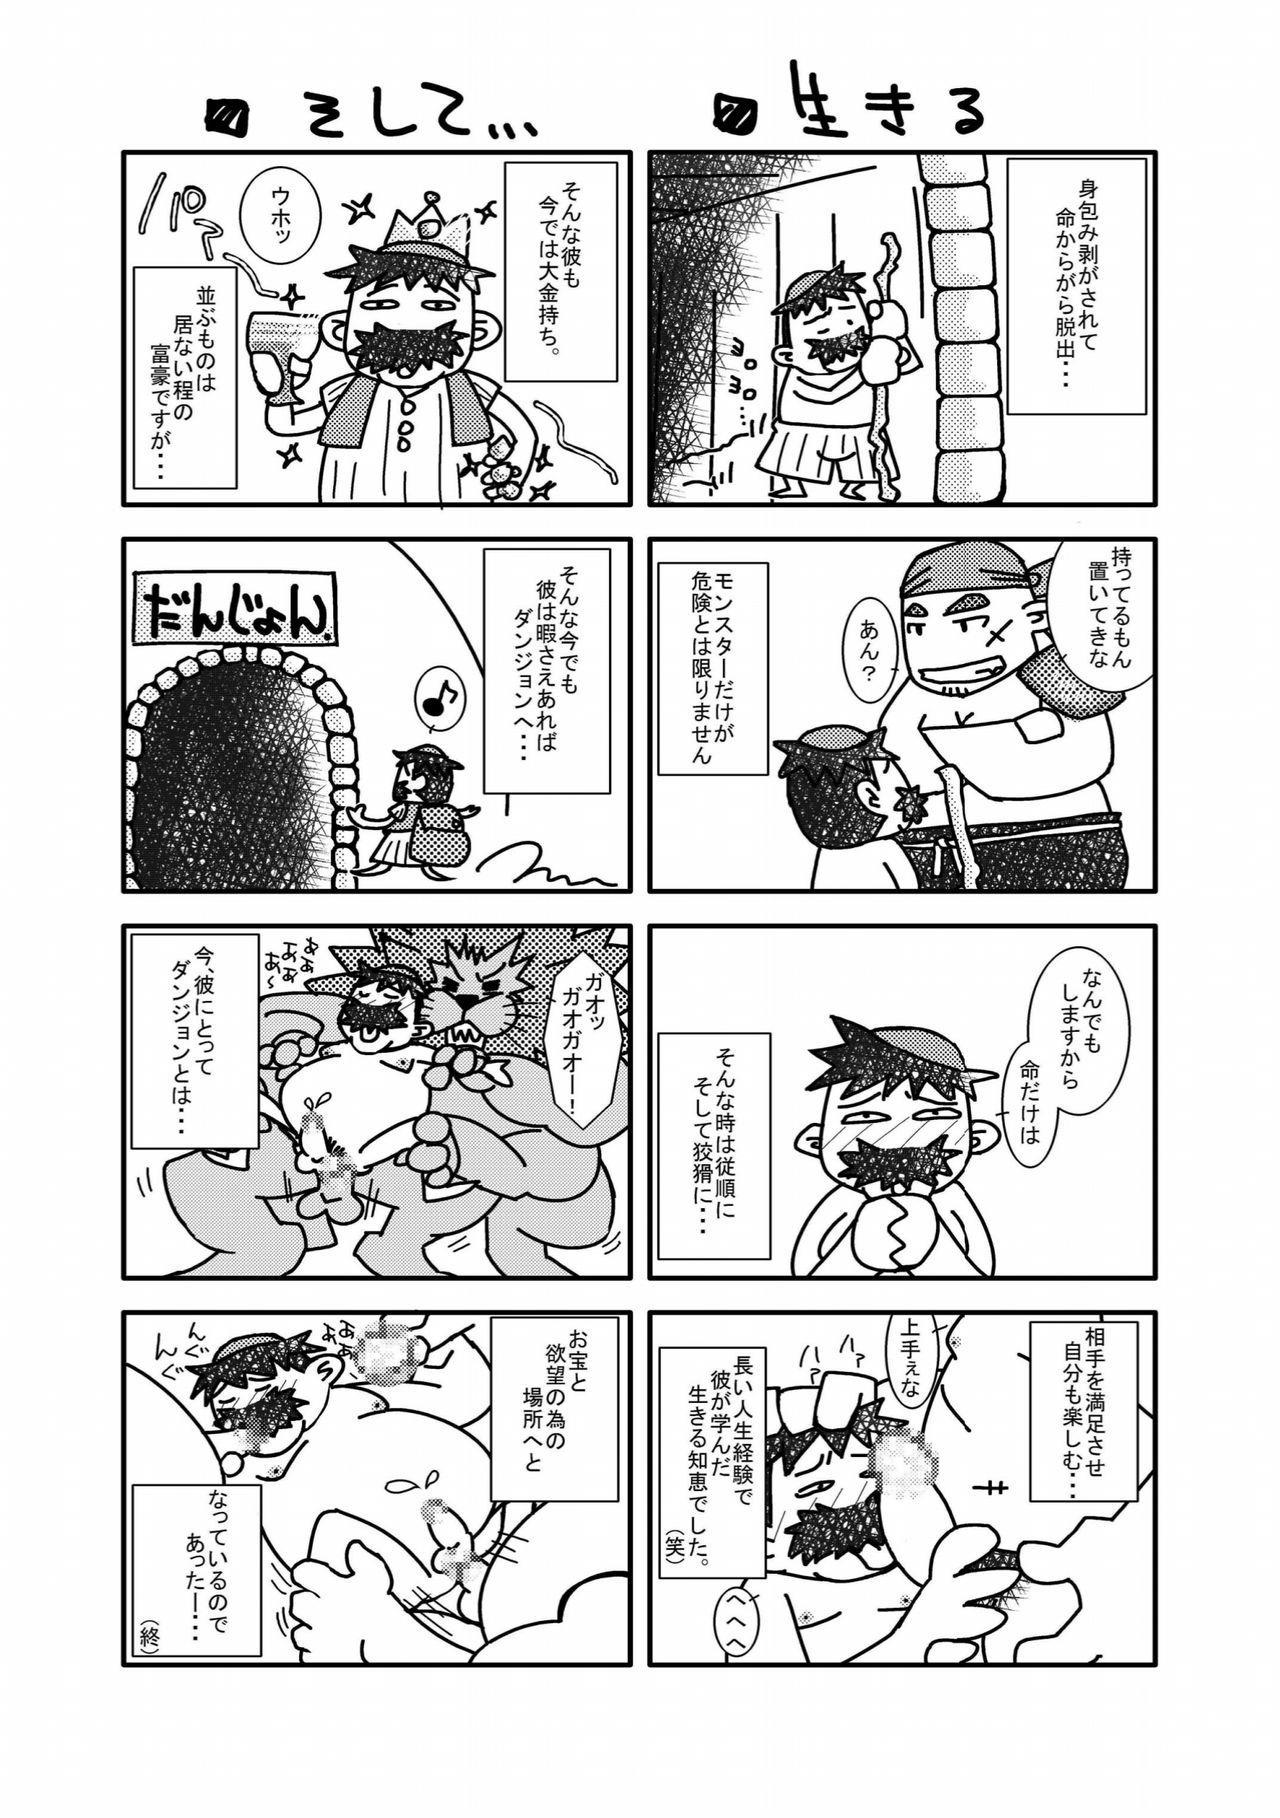 Torneko no Himitsu 30